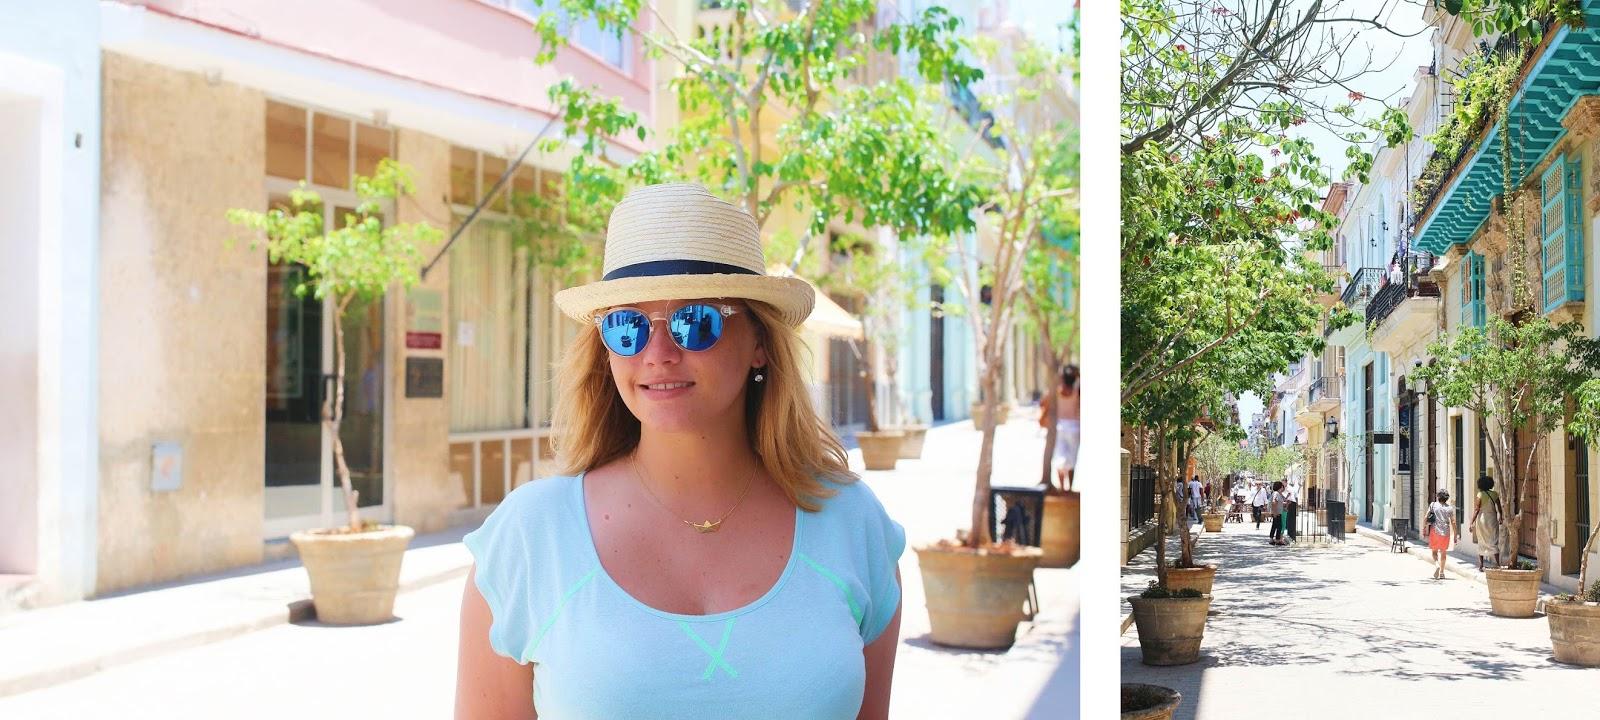 Bettina en escapades - La Havane - Cuba